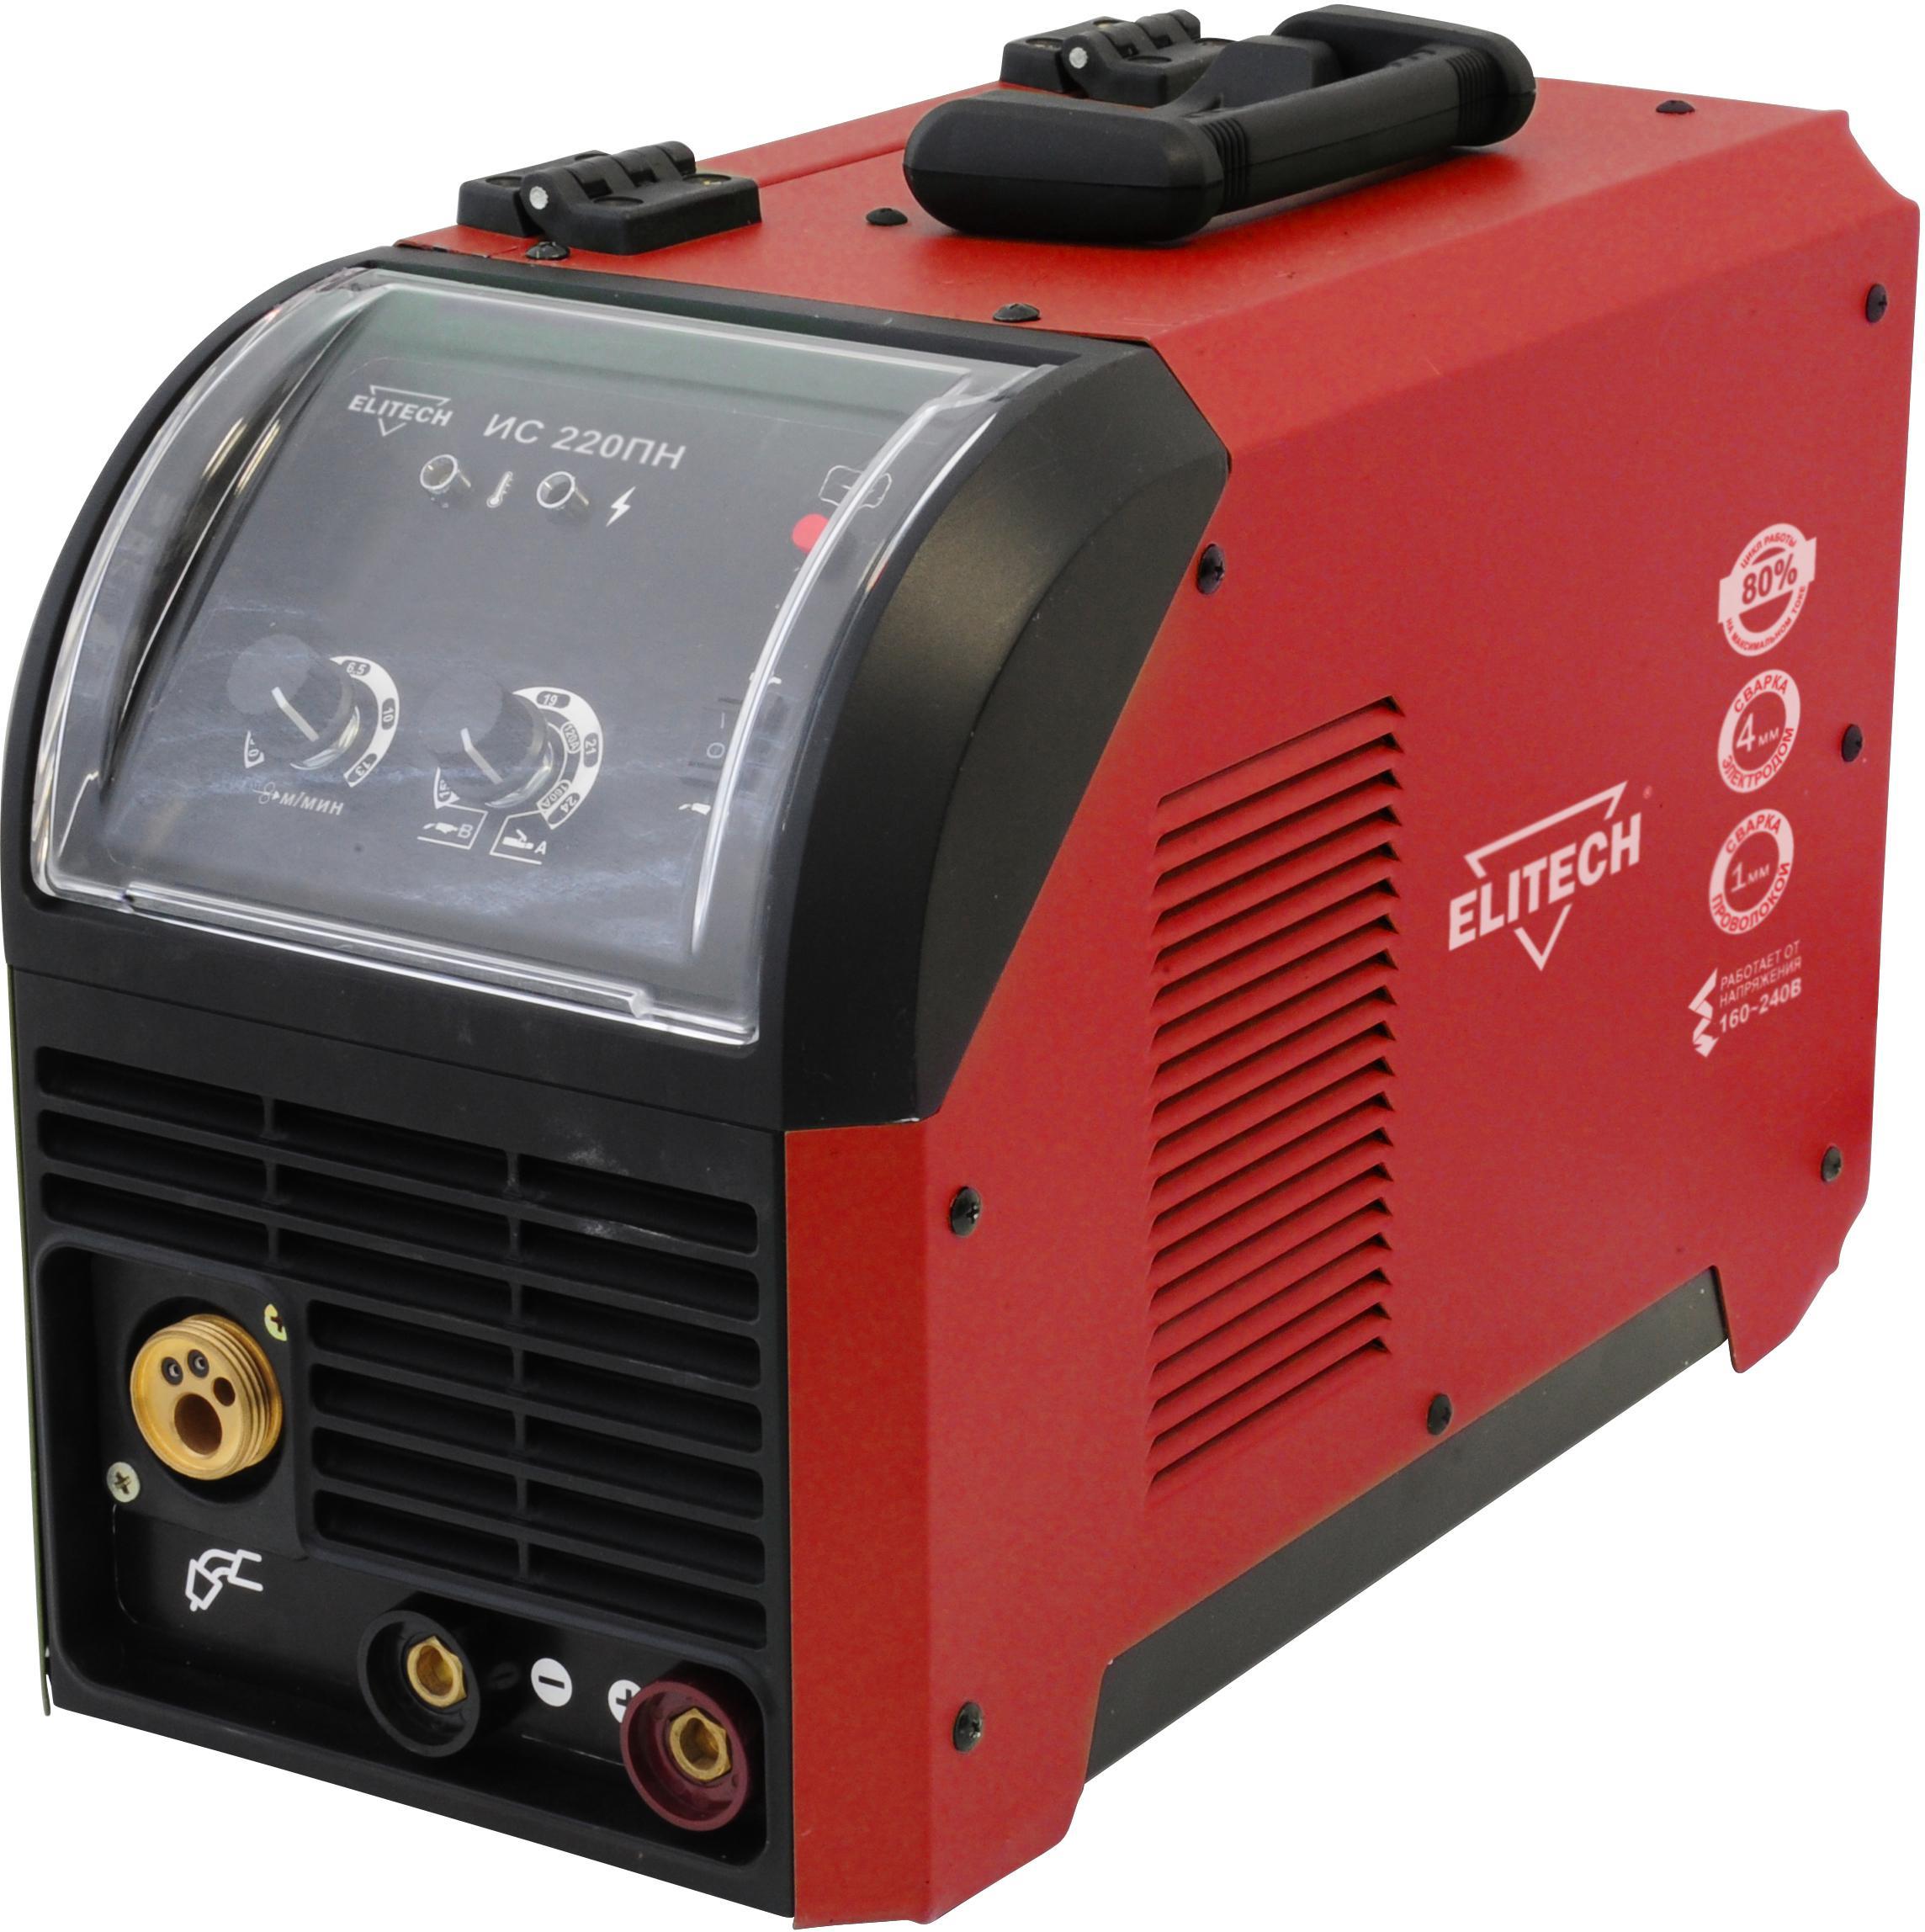 Инвертор Elitech ИС 220ПН (185107) инвертор полуавтомат elitech ис 250п